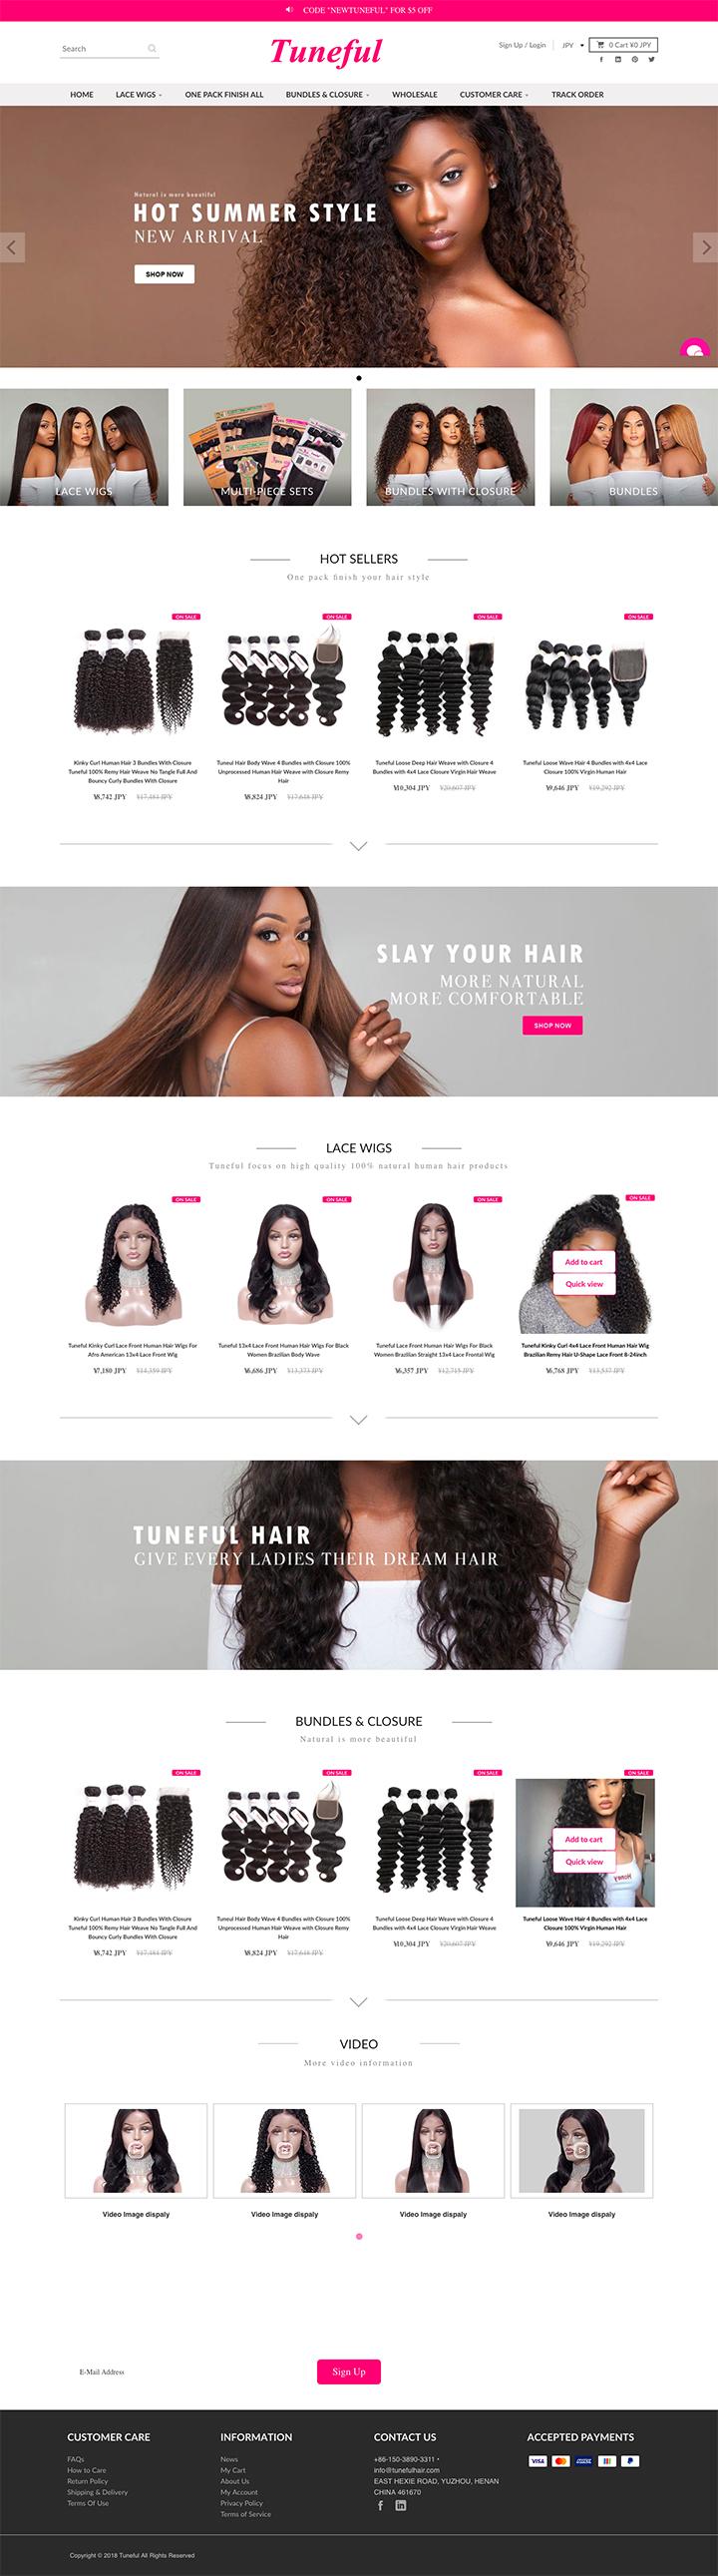 Tuneful hair